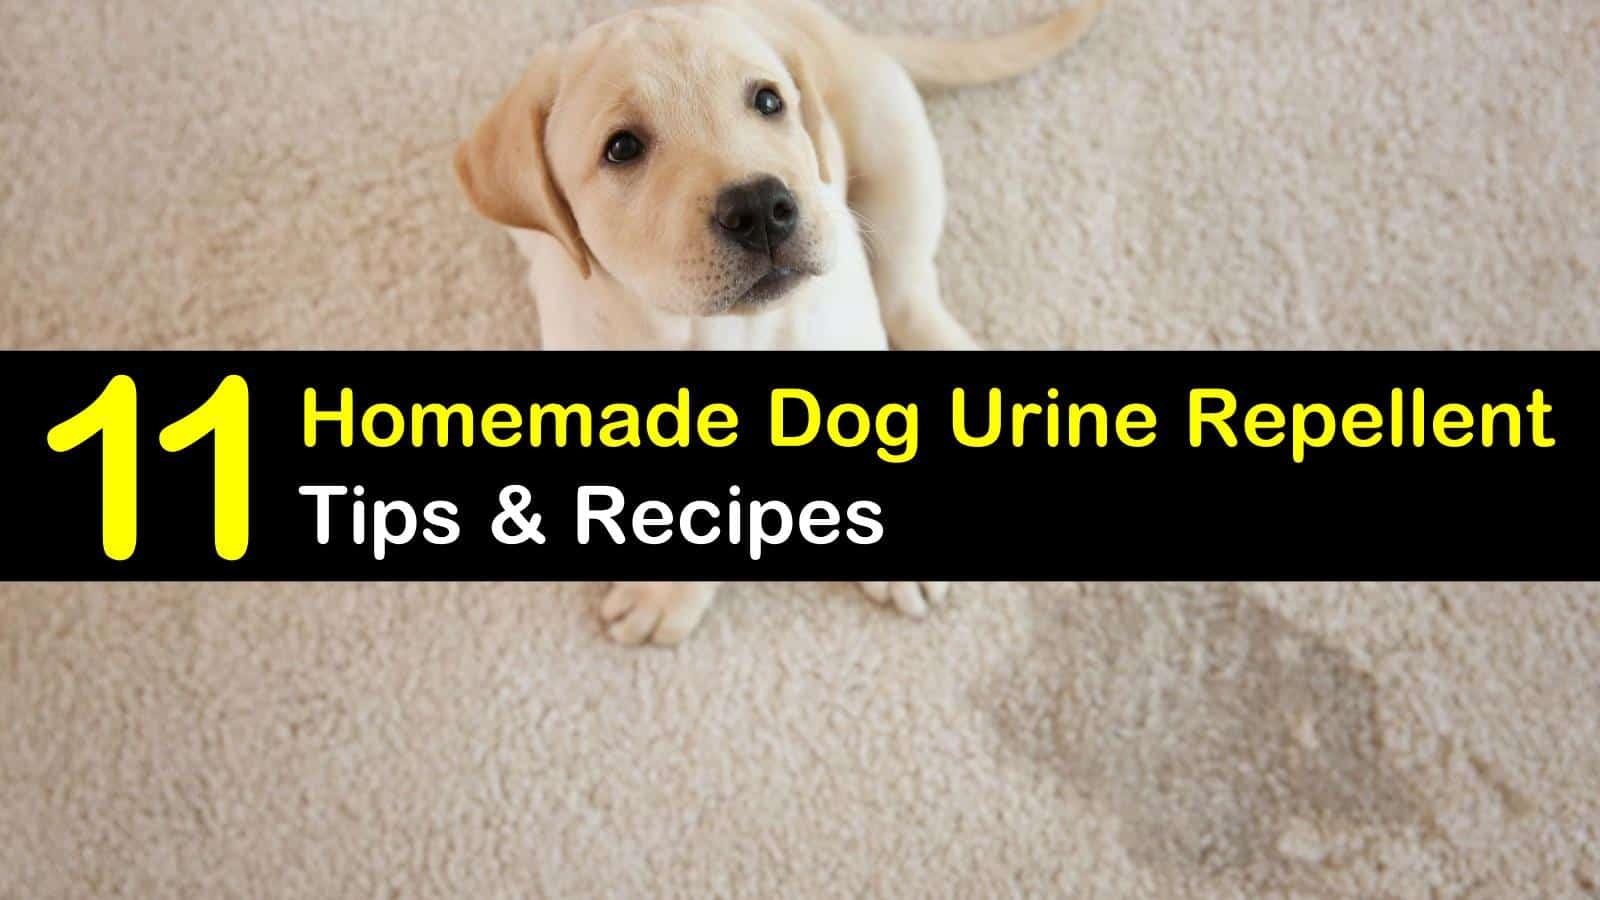 homemade dog urine repellent titleimg1